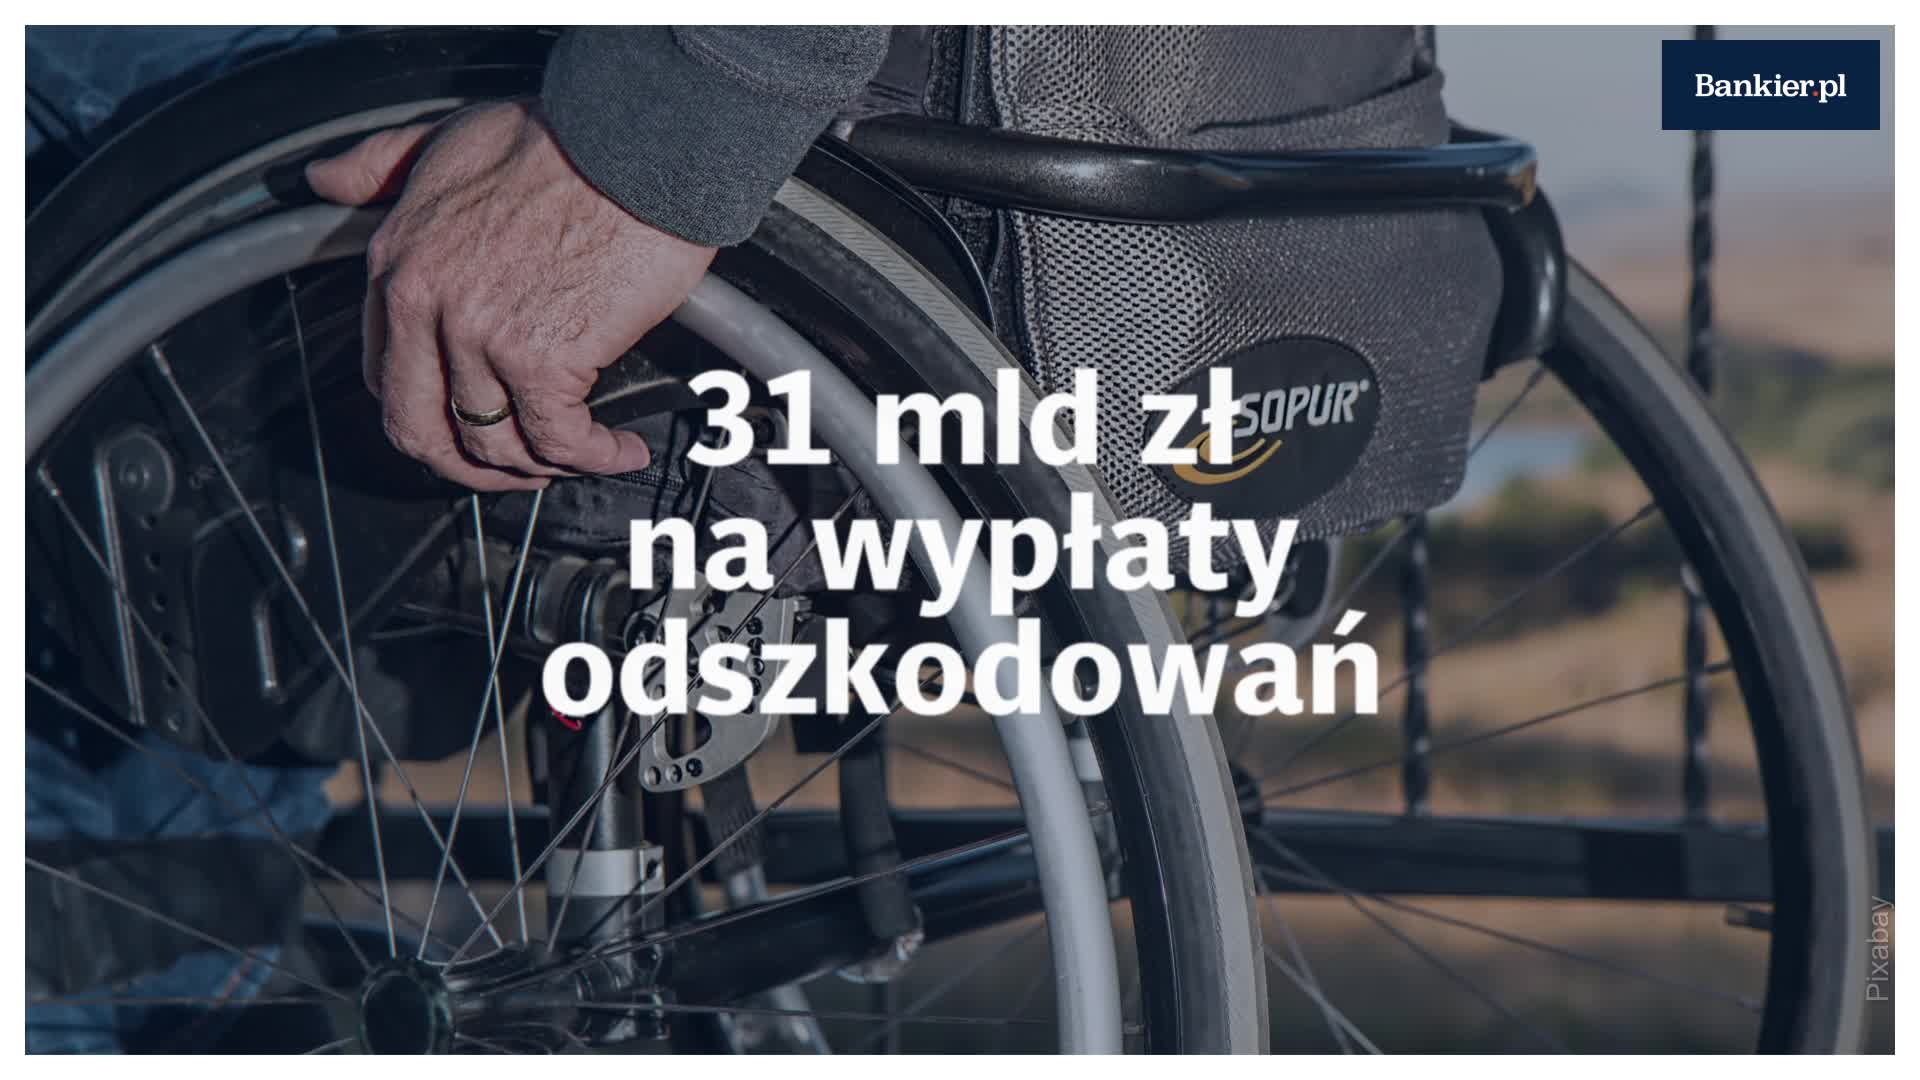 Ubezpieczyciele wypłacili poszkodowanym i klientom 31 mld zł